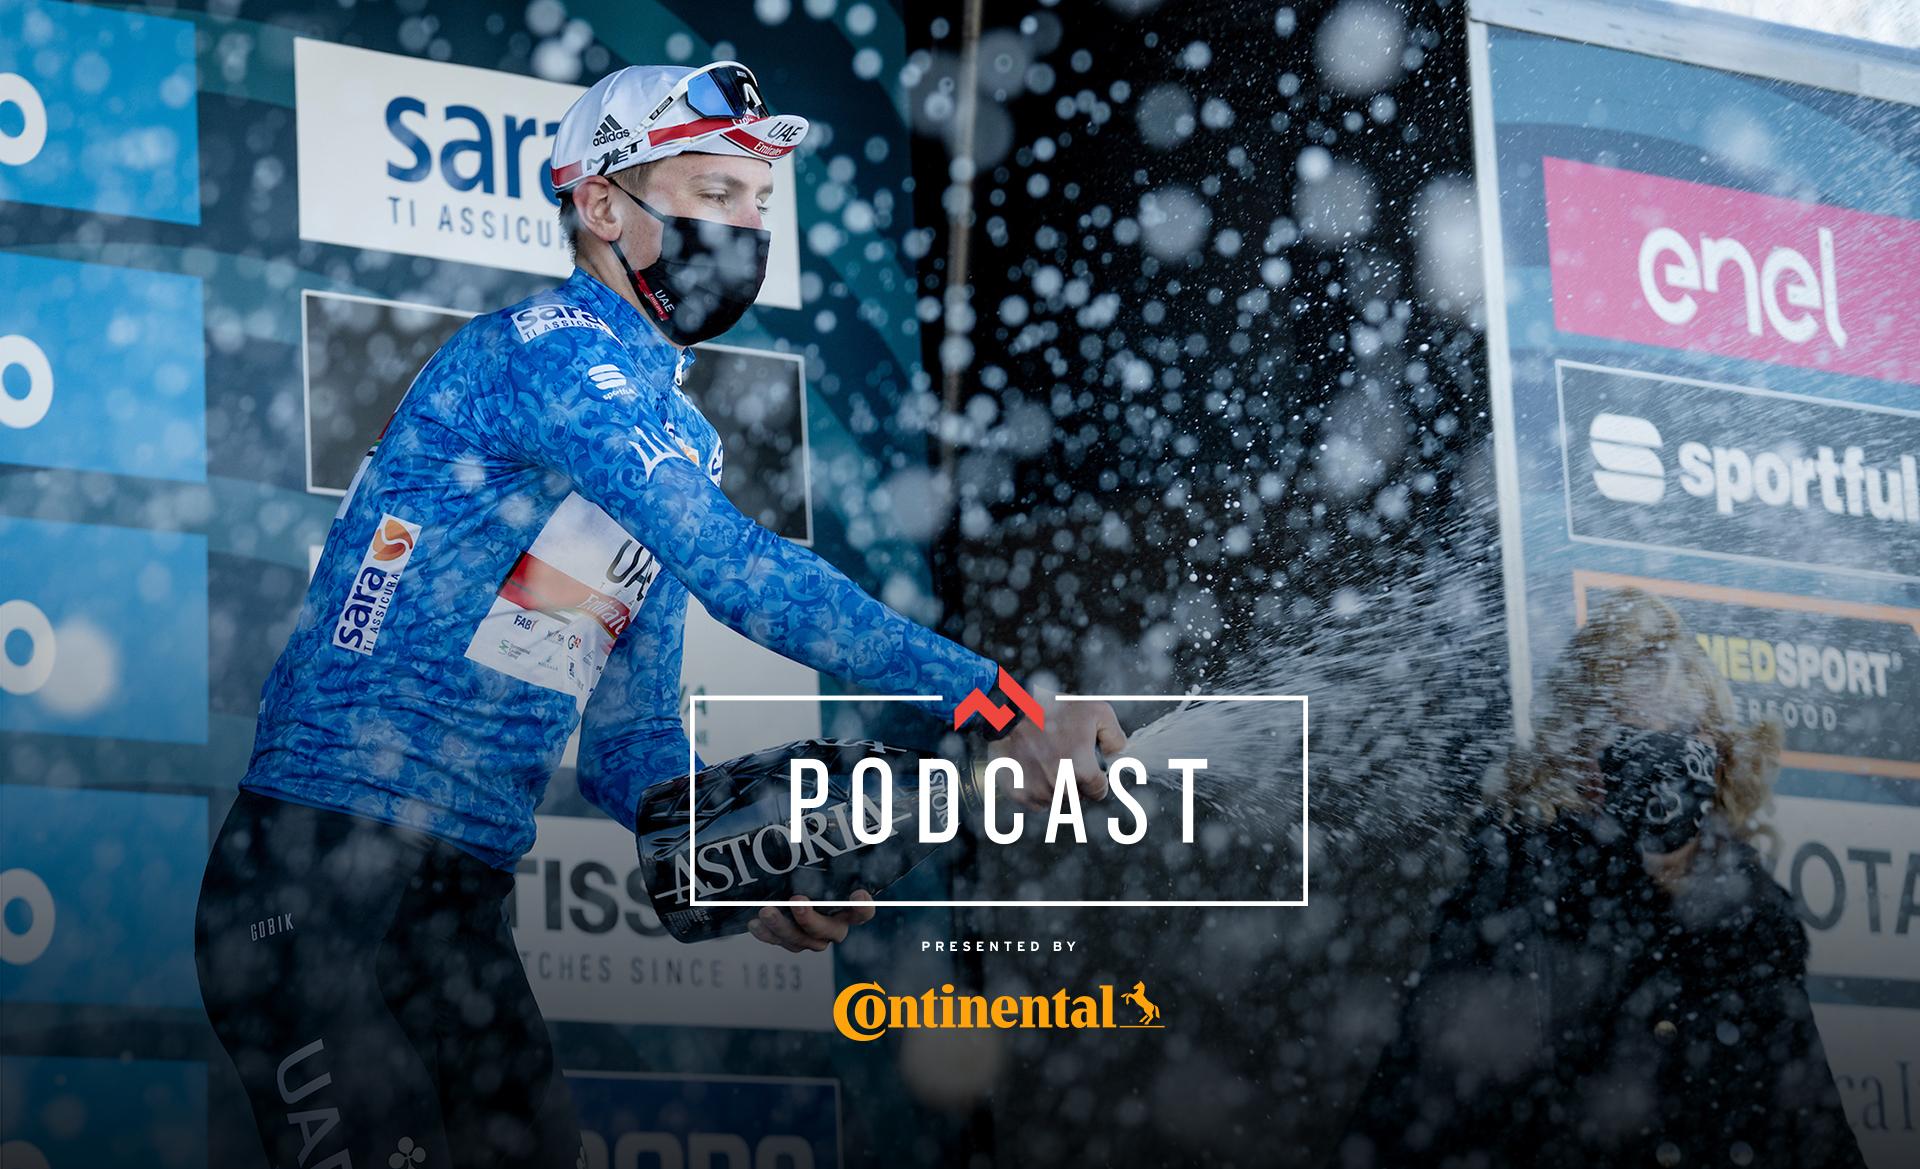 CyclingTips Podcast: Verdoppeln Sie die einwöchigen Rennen, verdoppeln Sie das Drama